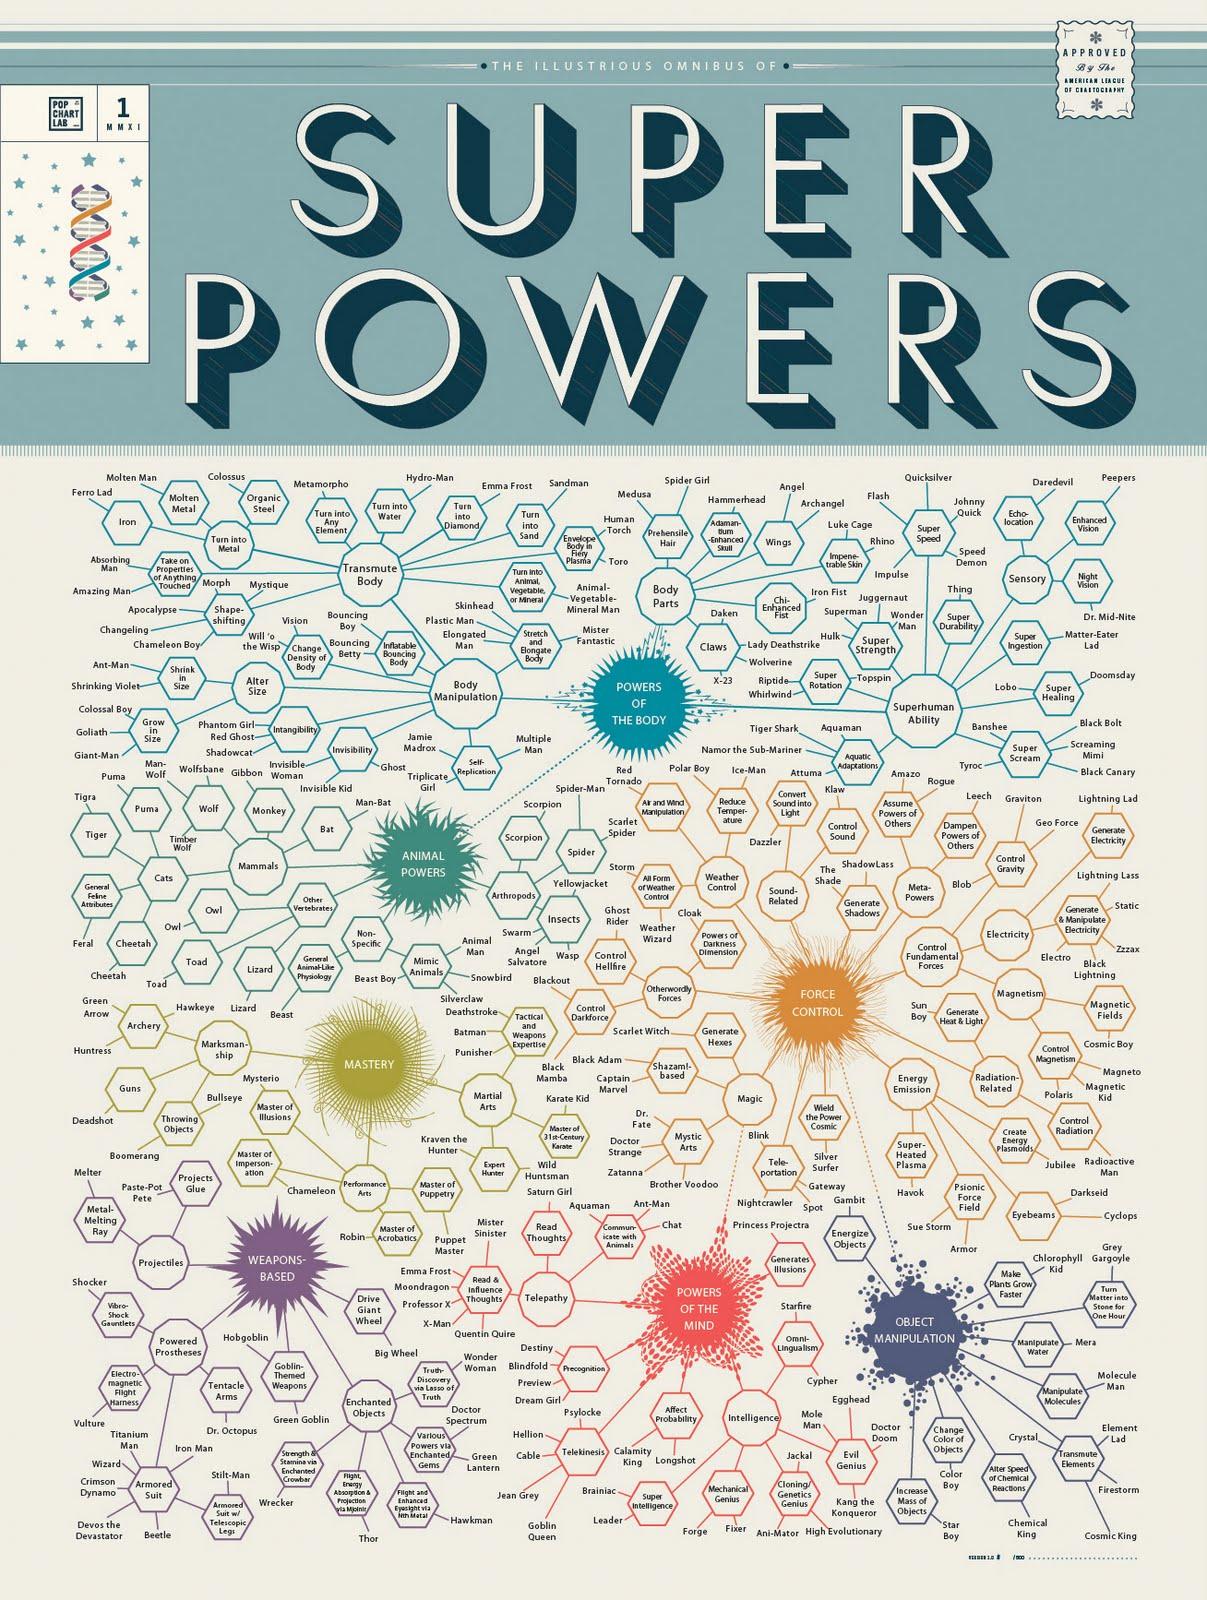 http://1.bp.blogspot.com/-v67RJj039-Q/TbHJGQ-UzsI/AAAAAAAAJDA/9ii5Y3xGE3w/s1600/PopChartLab_Superpowers_1700.jpg